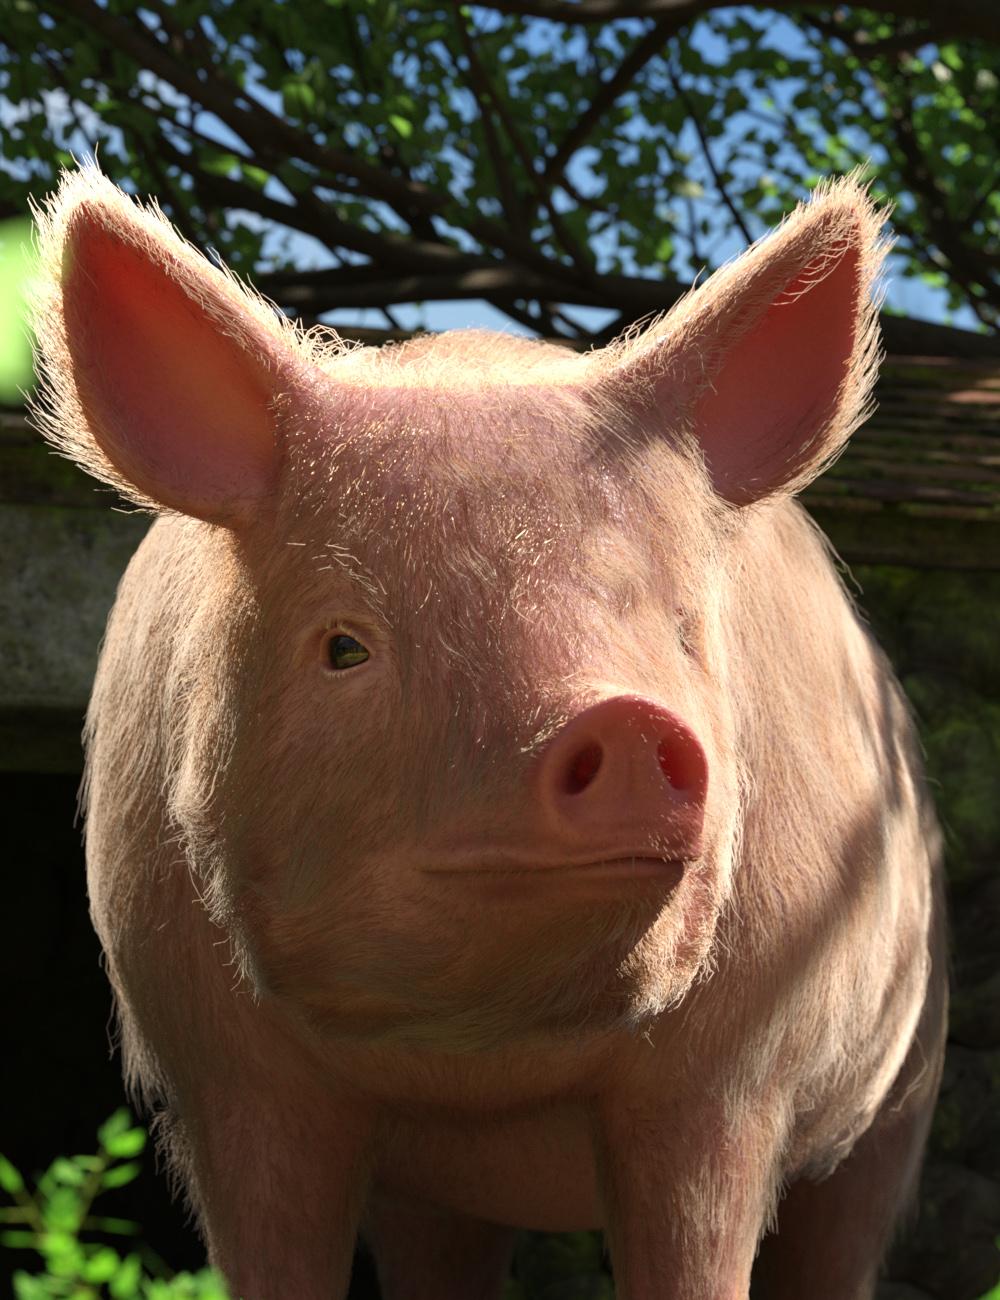 LoREZ Pig 2 by: Predatron, 3D Models by Daz 3D